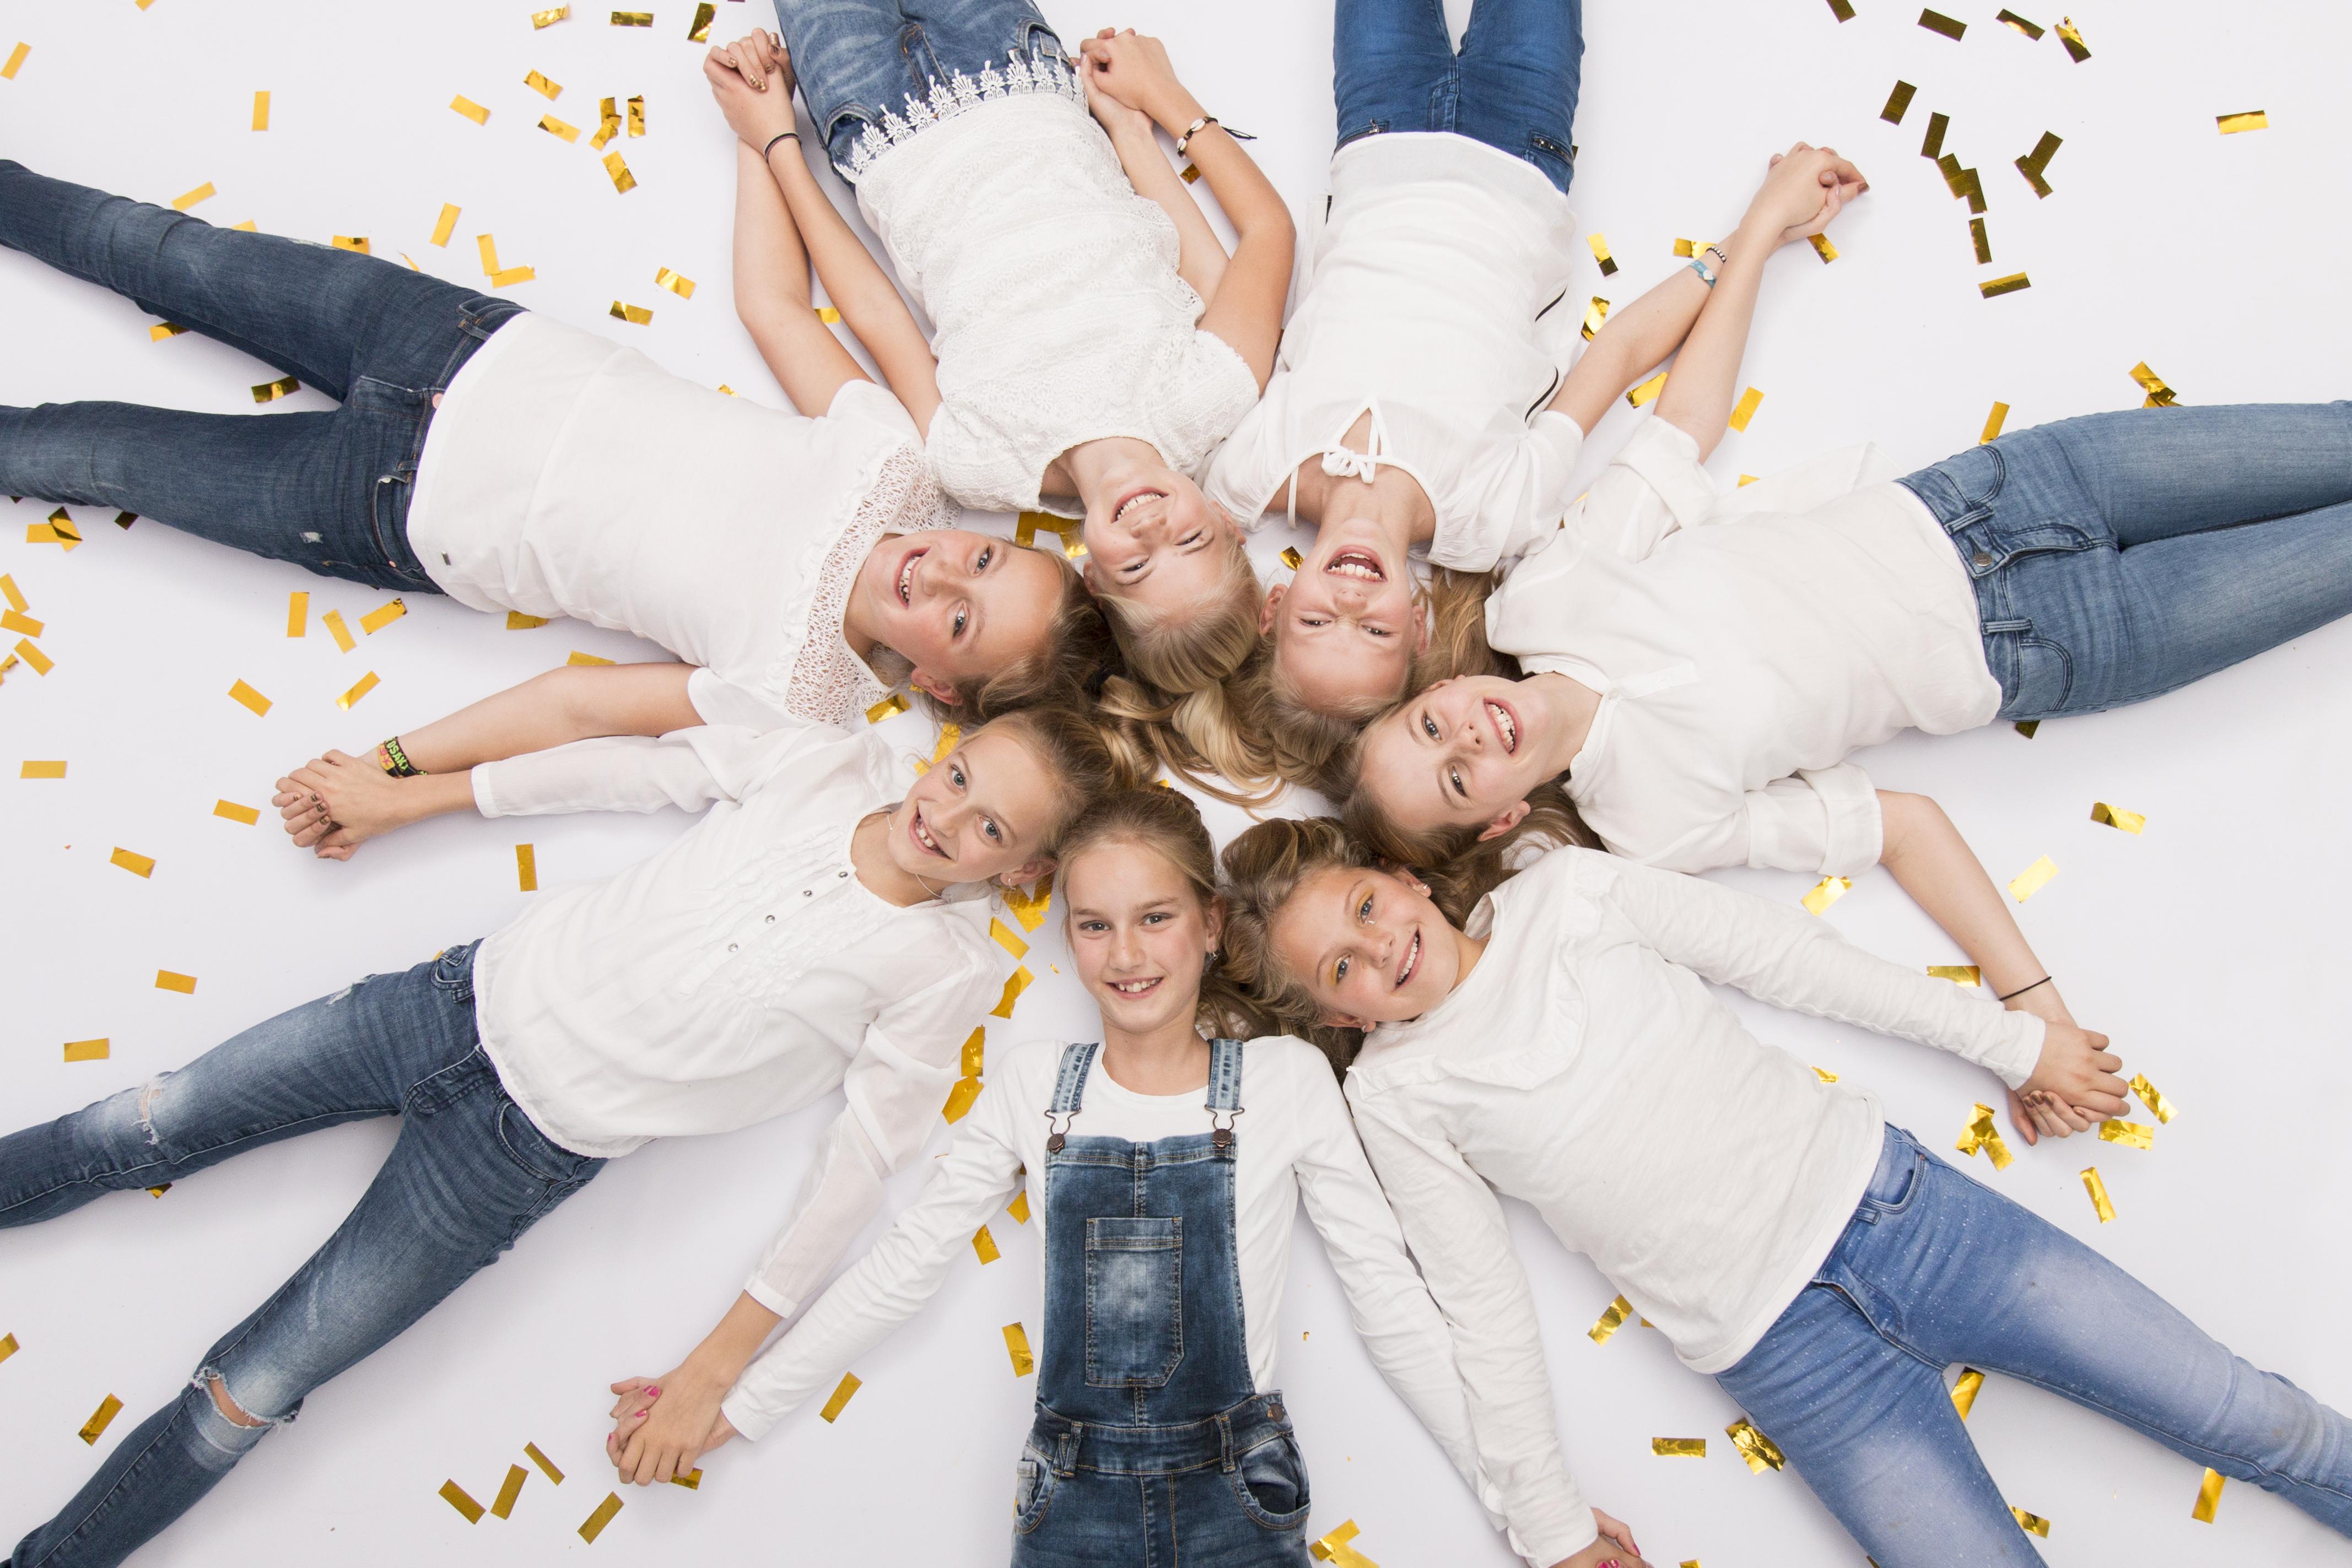 Kinderfeestje/Modellen feestje